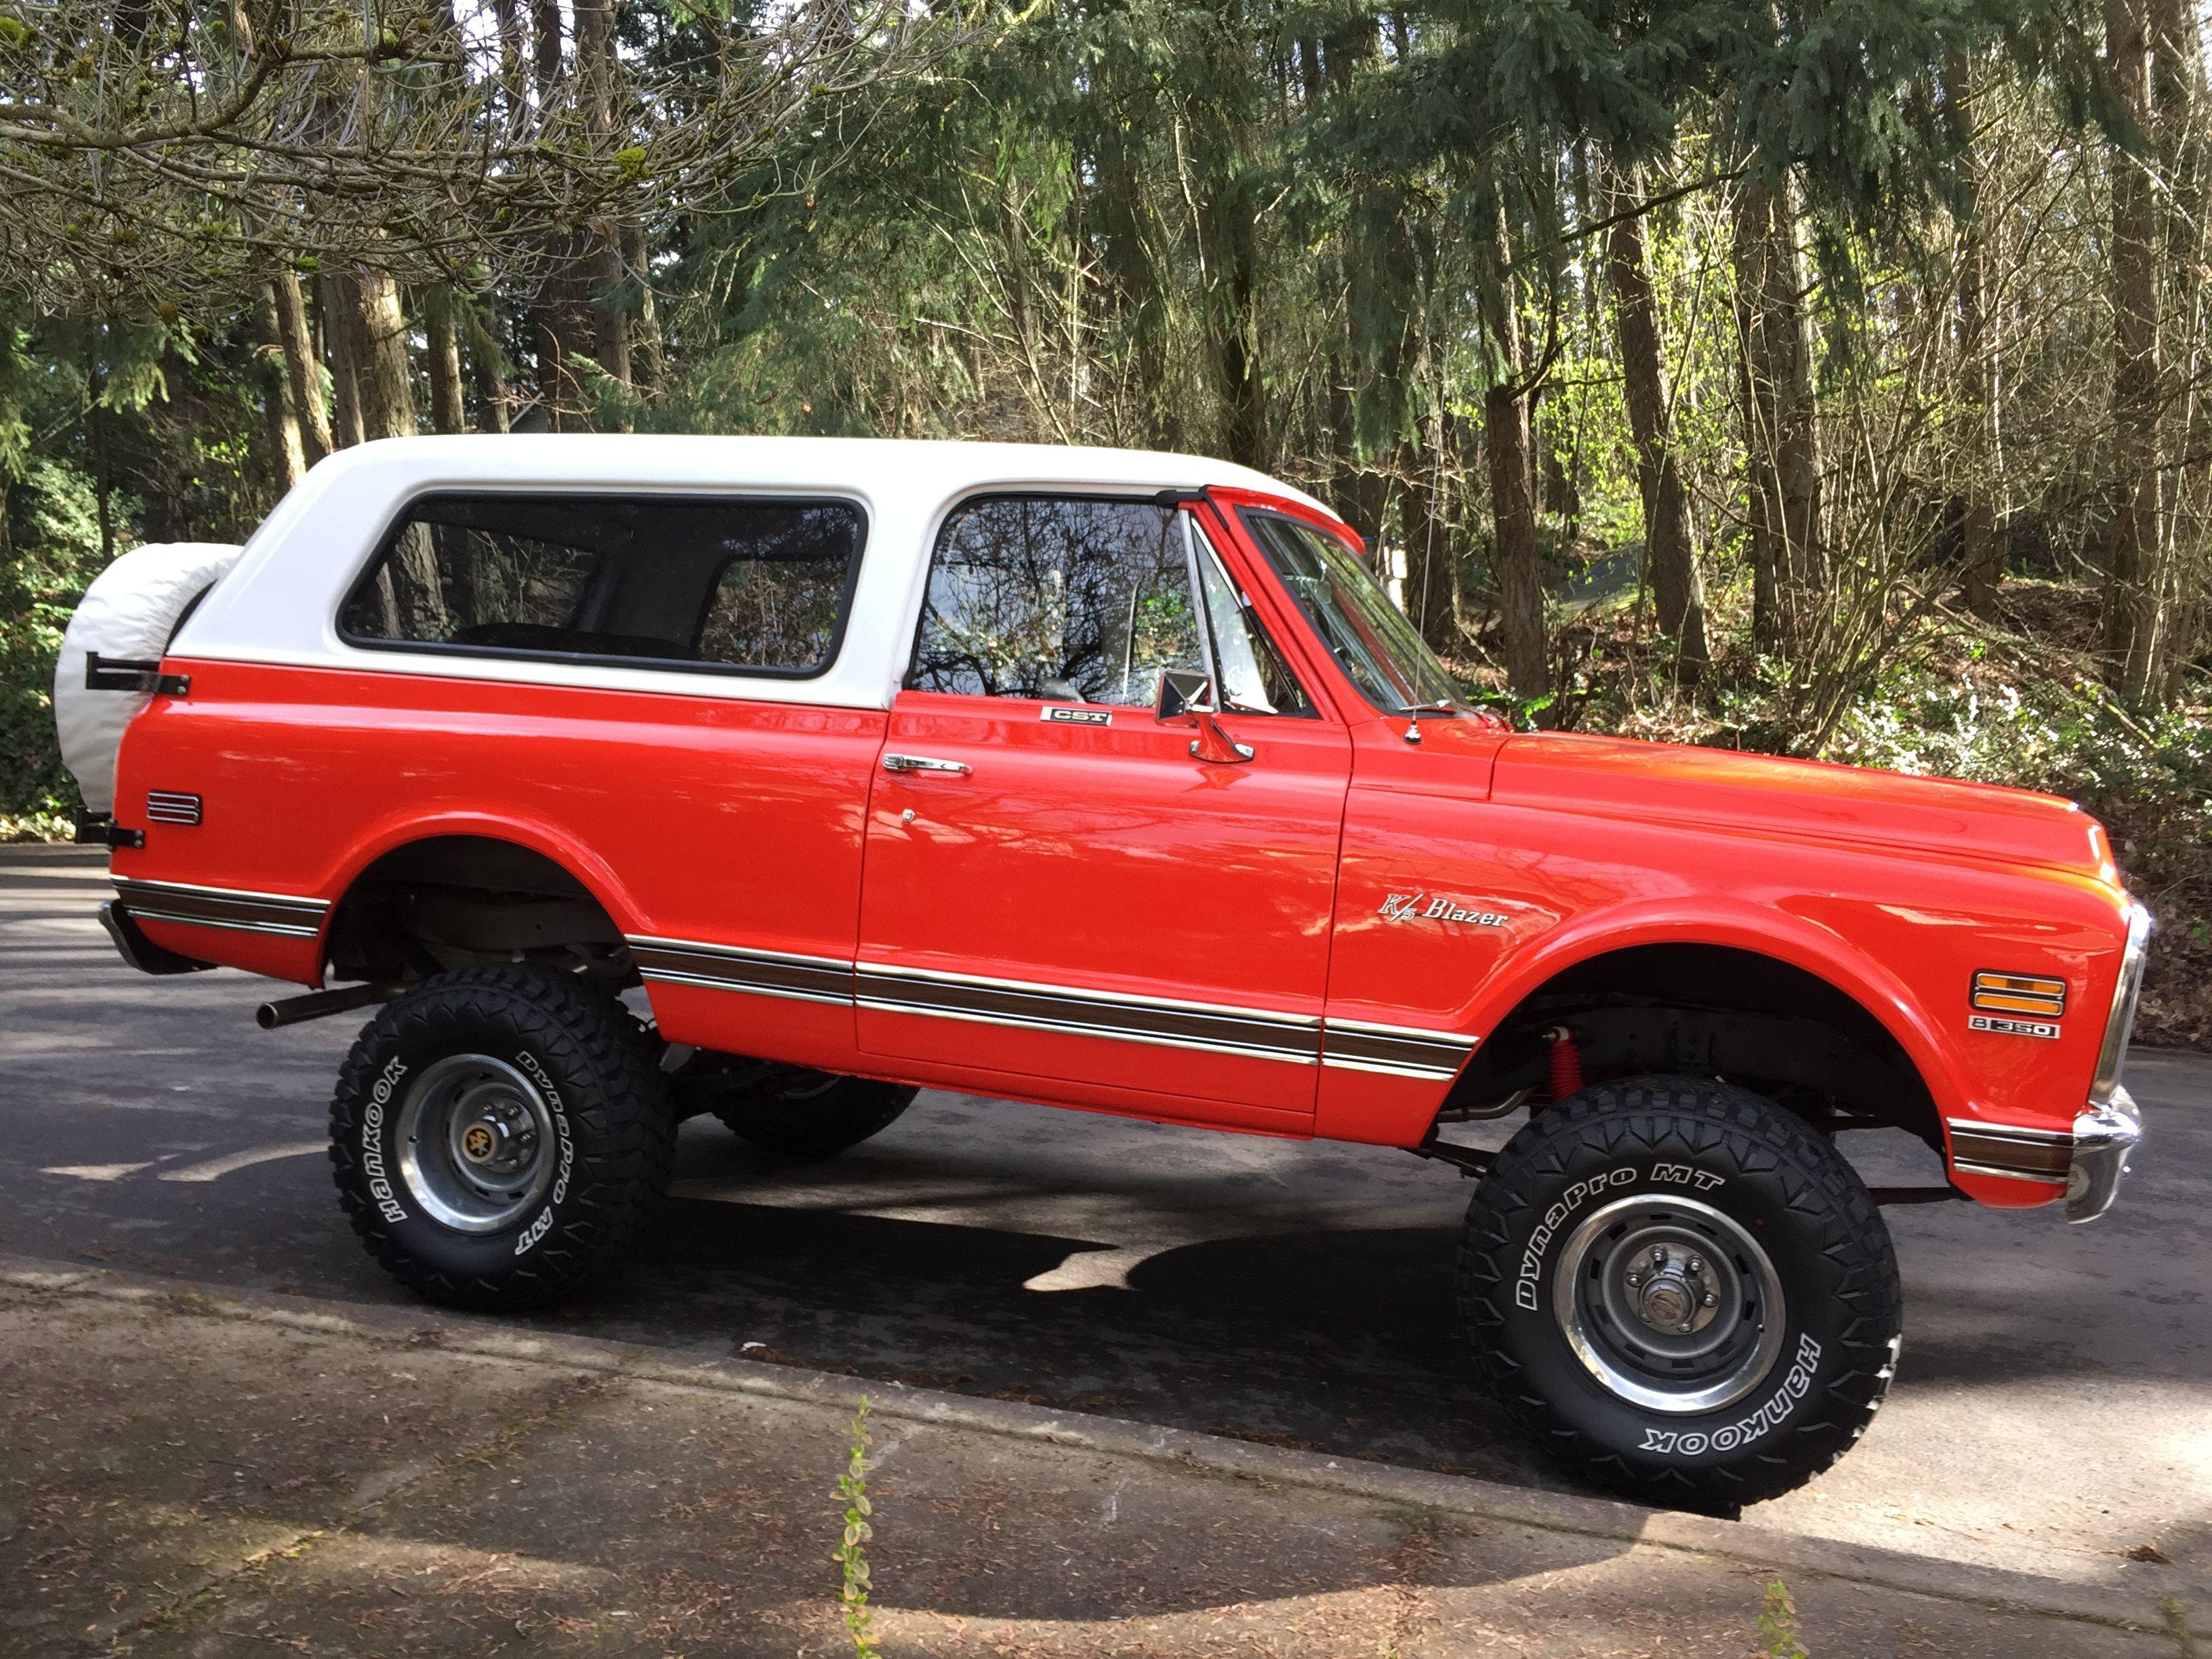 1971 k5 cst hugger orange chevy blazer k5 k5 blazer chevy k10 67 [ 3264 x 2448 Pixel ]